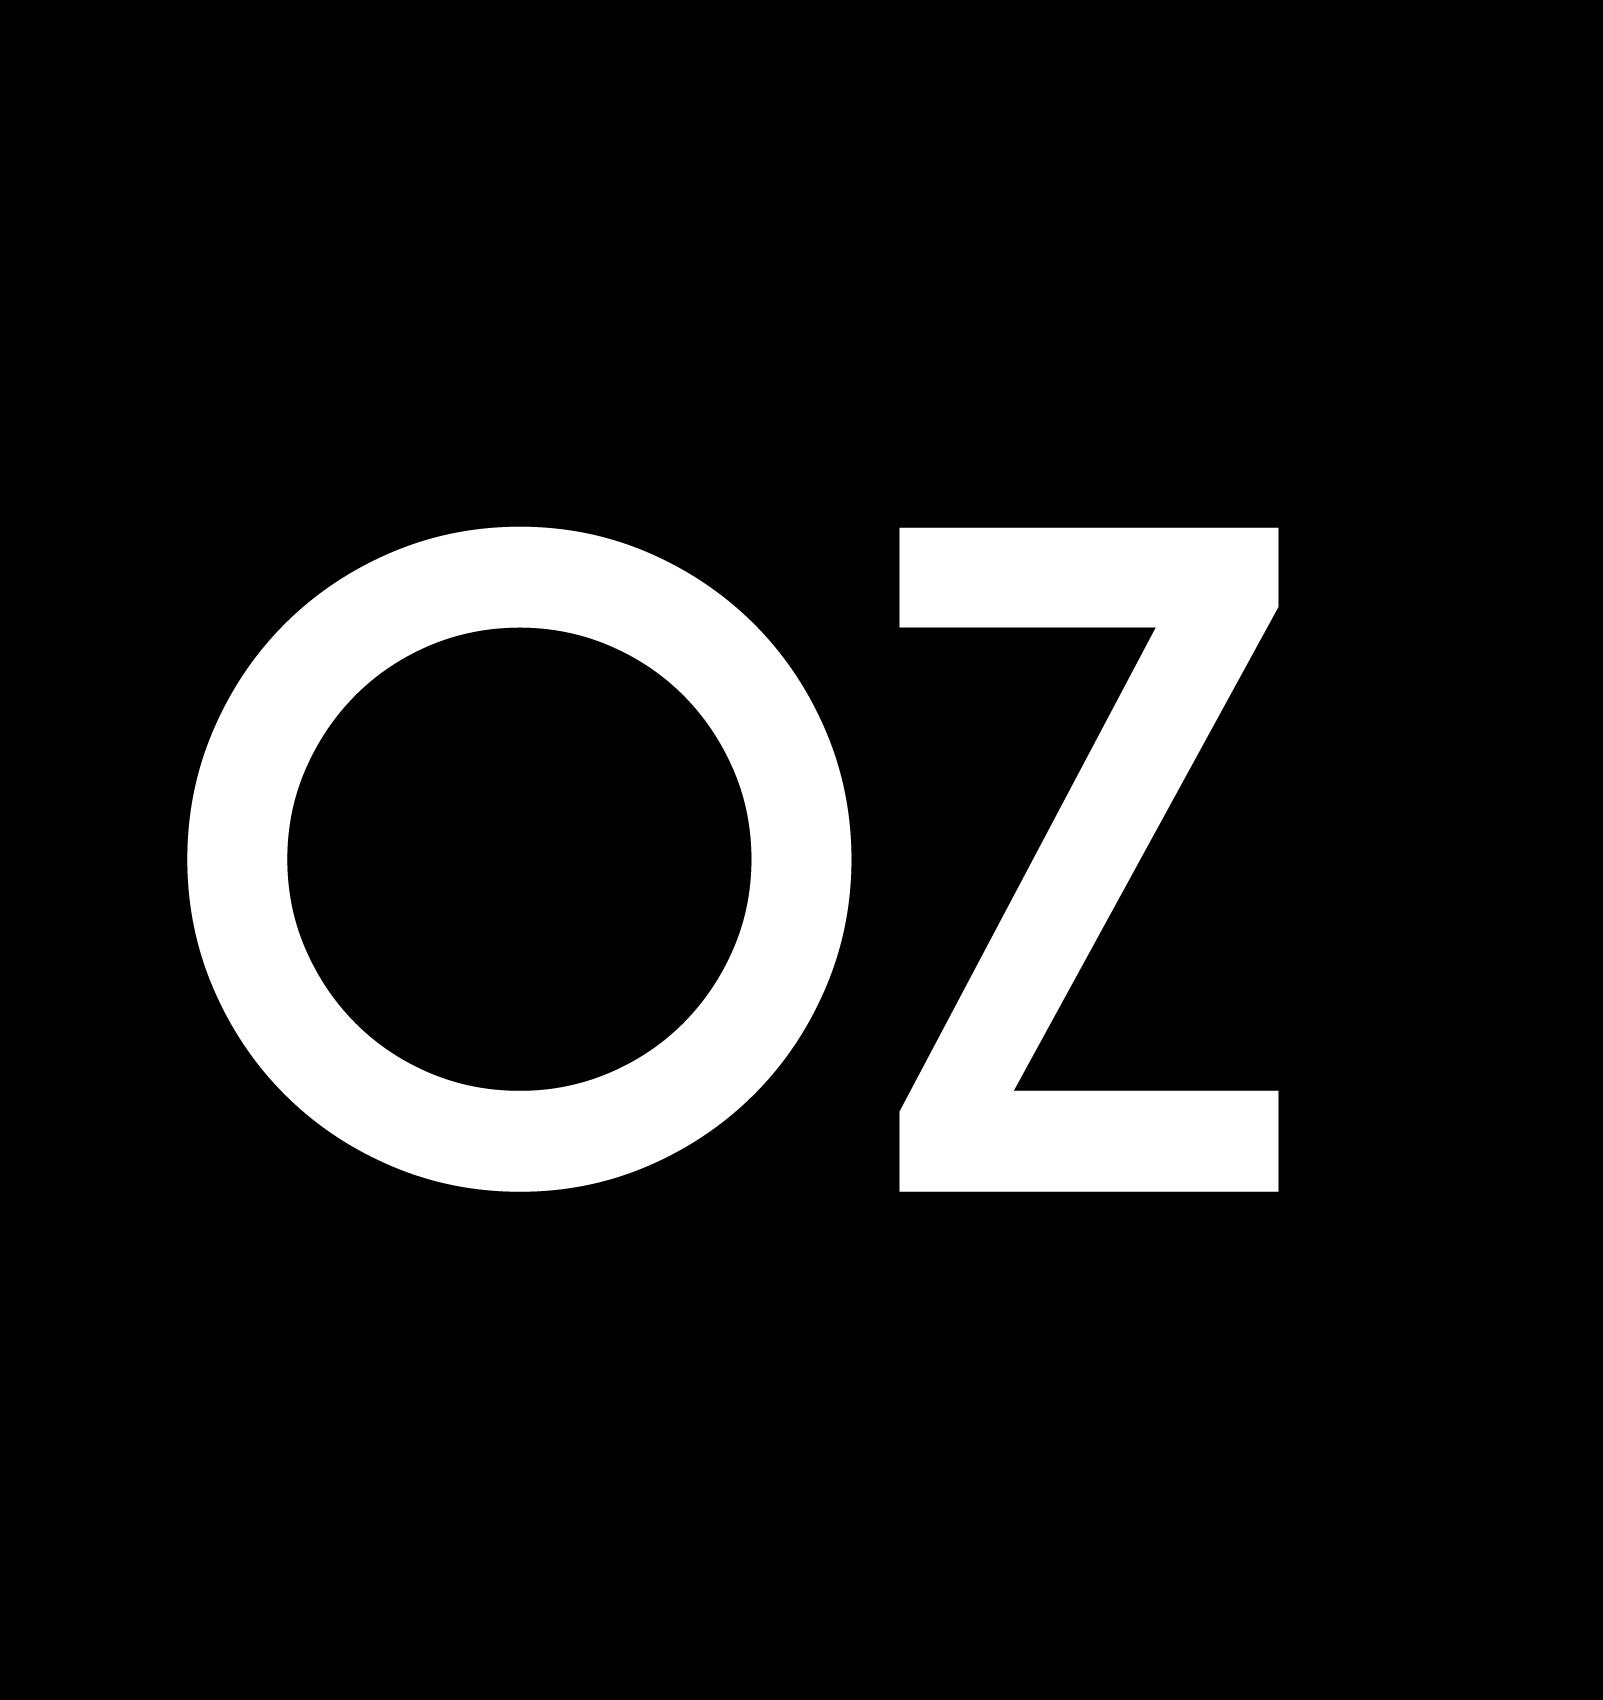 Haandlagd typeface